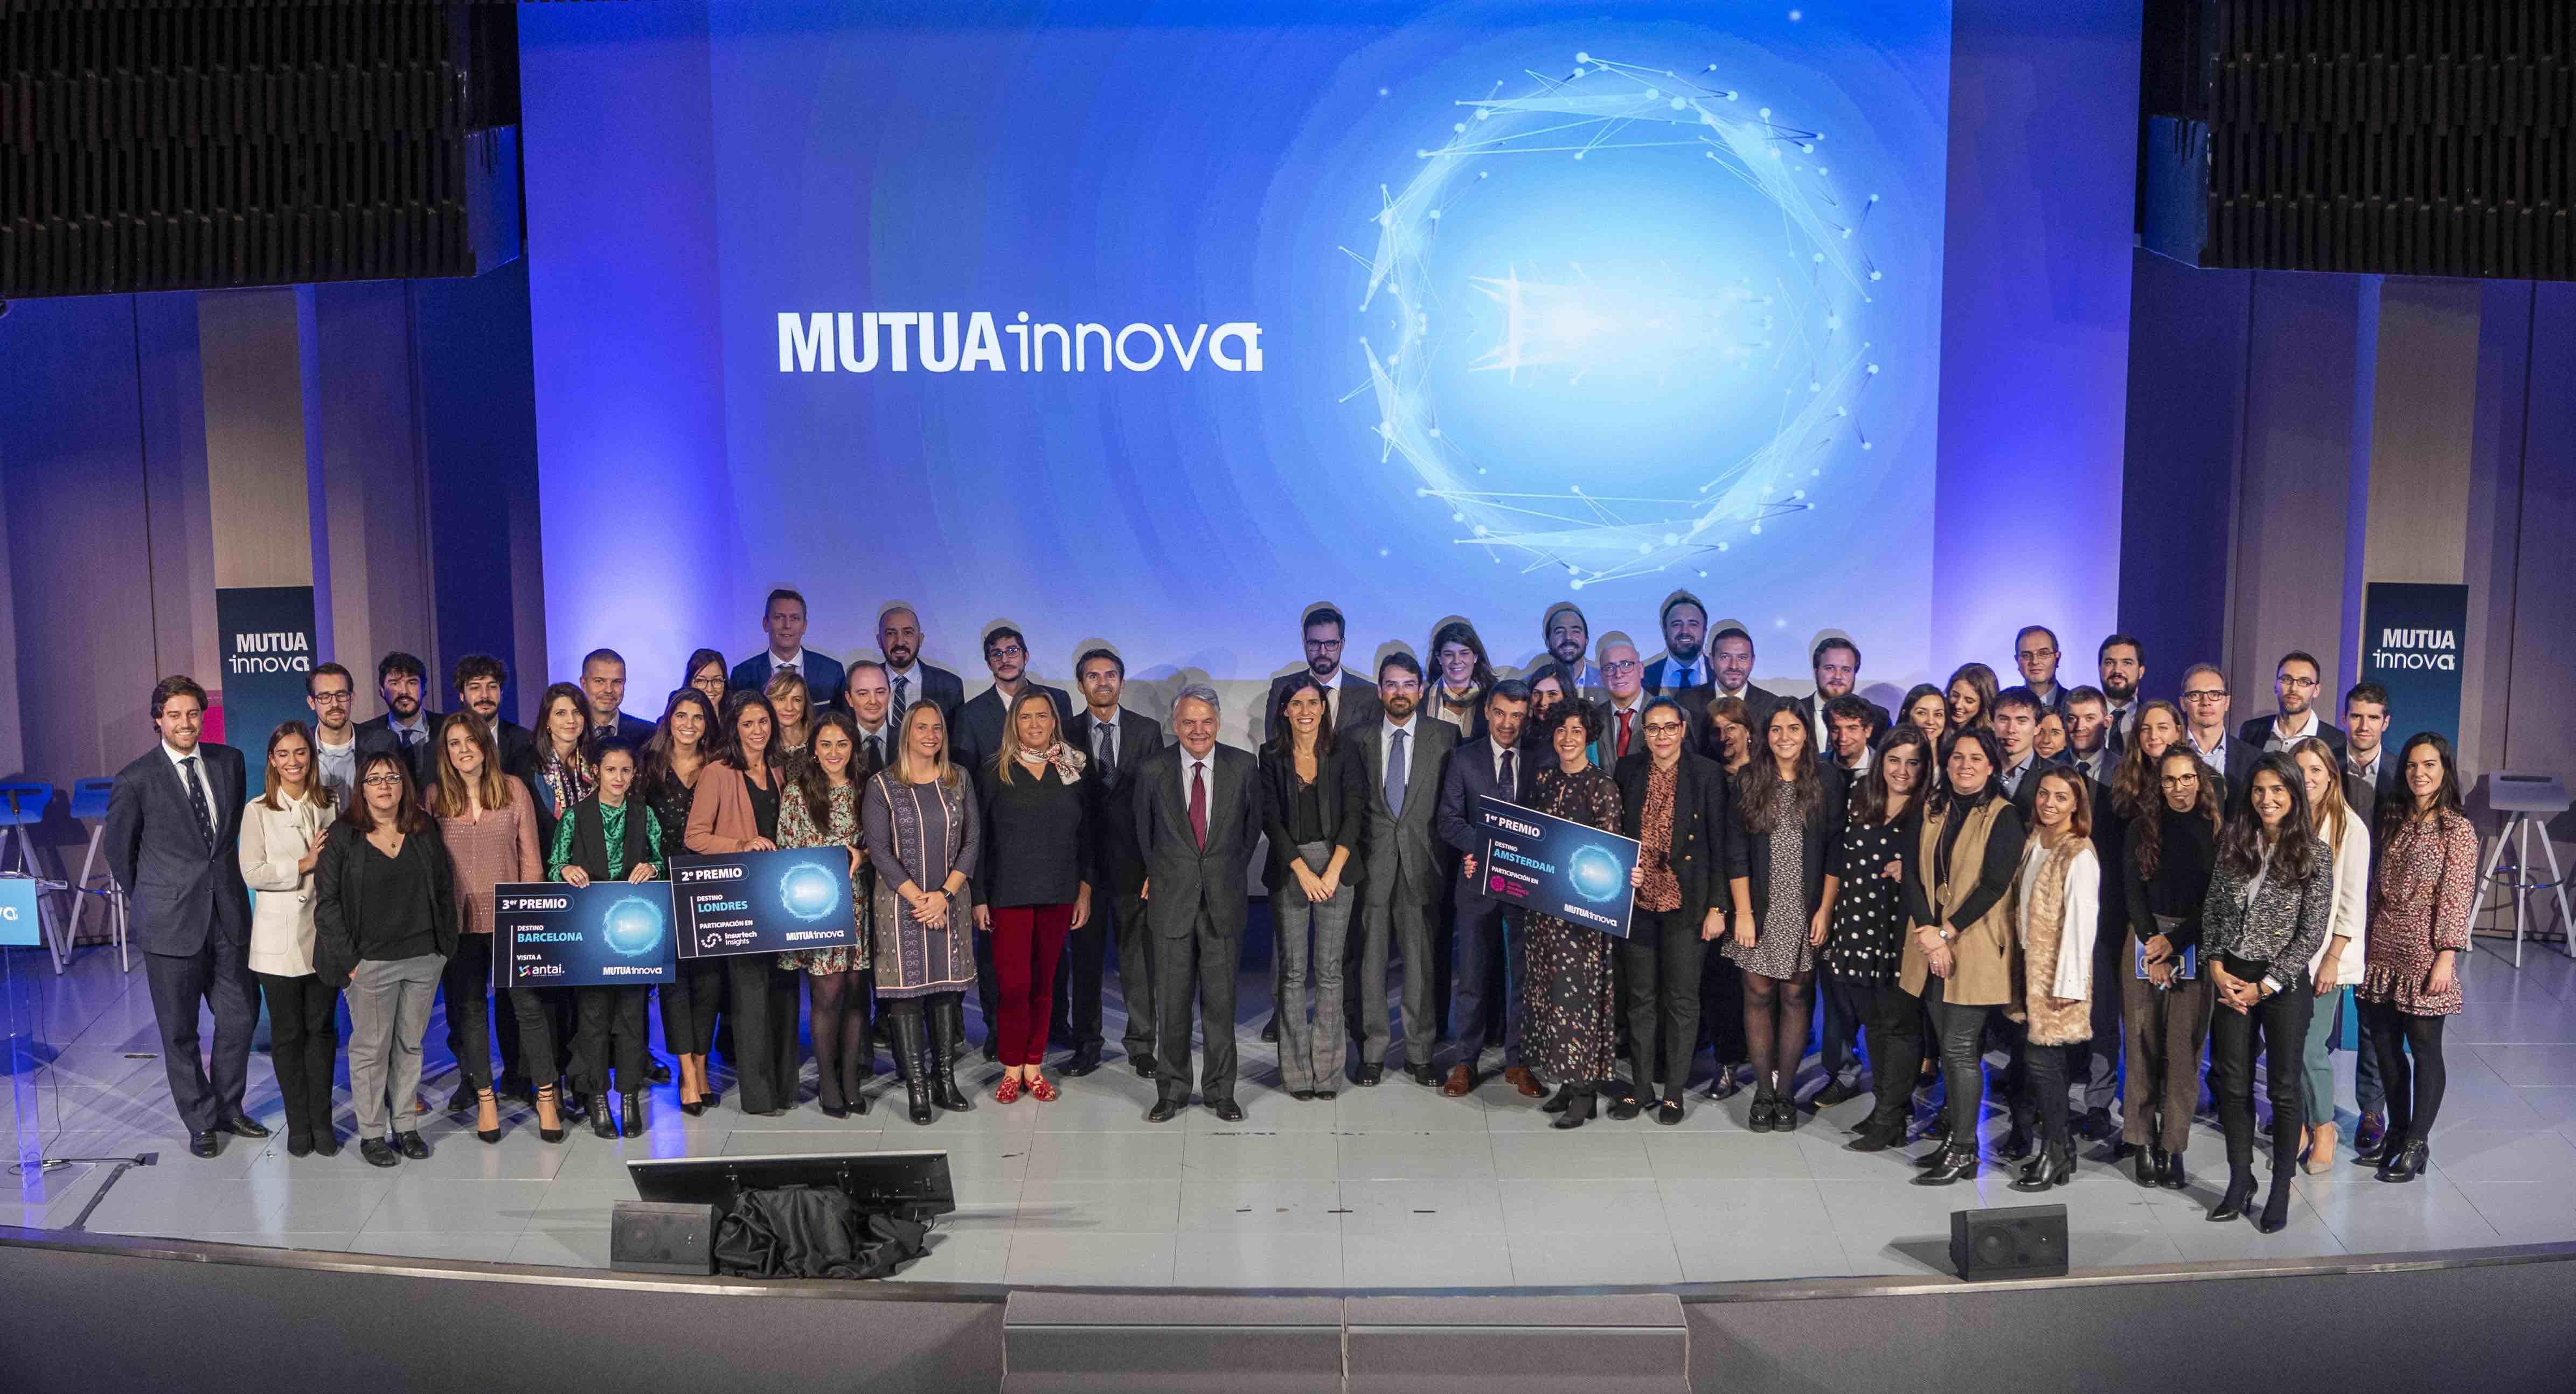 Innovación en Mutua Madrileña